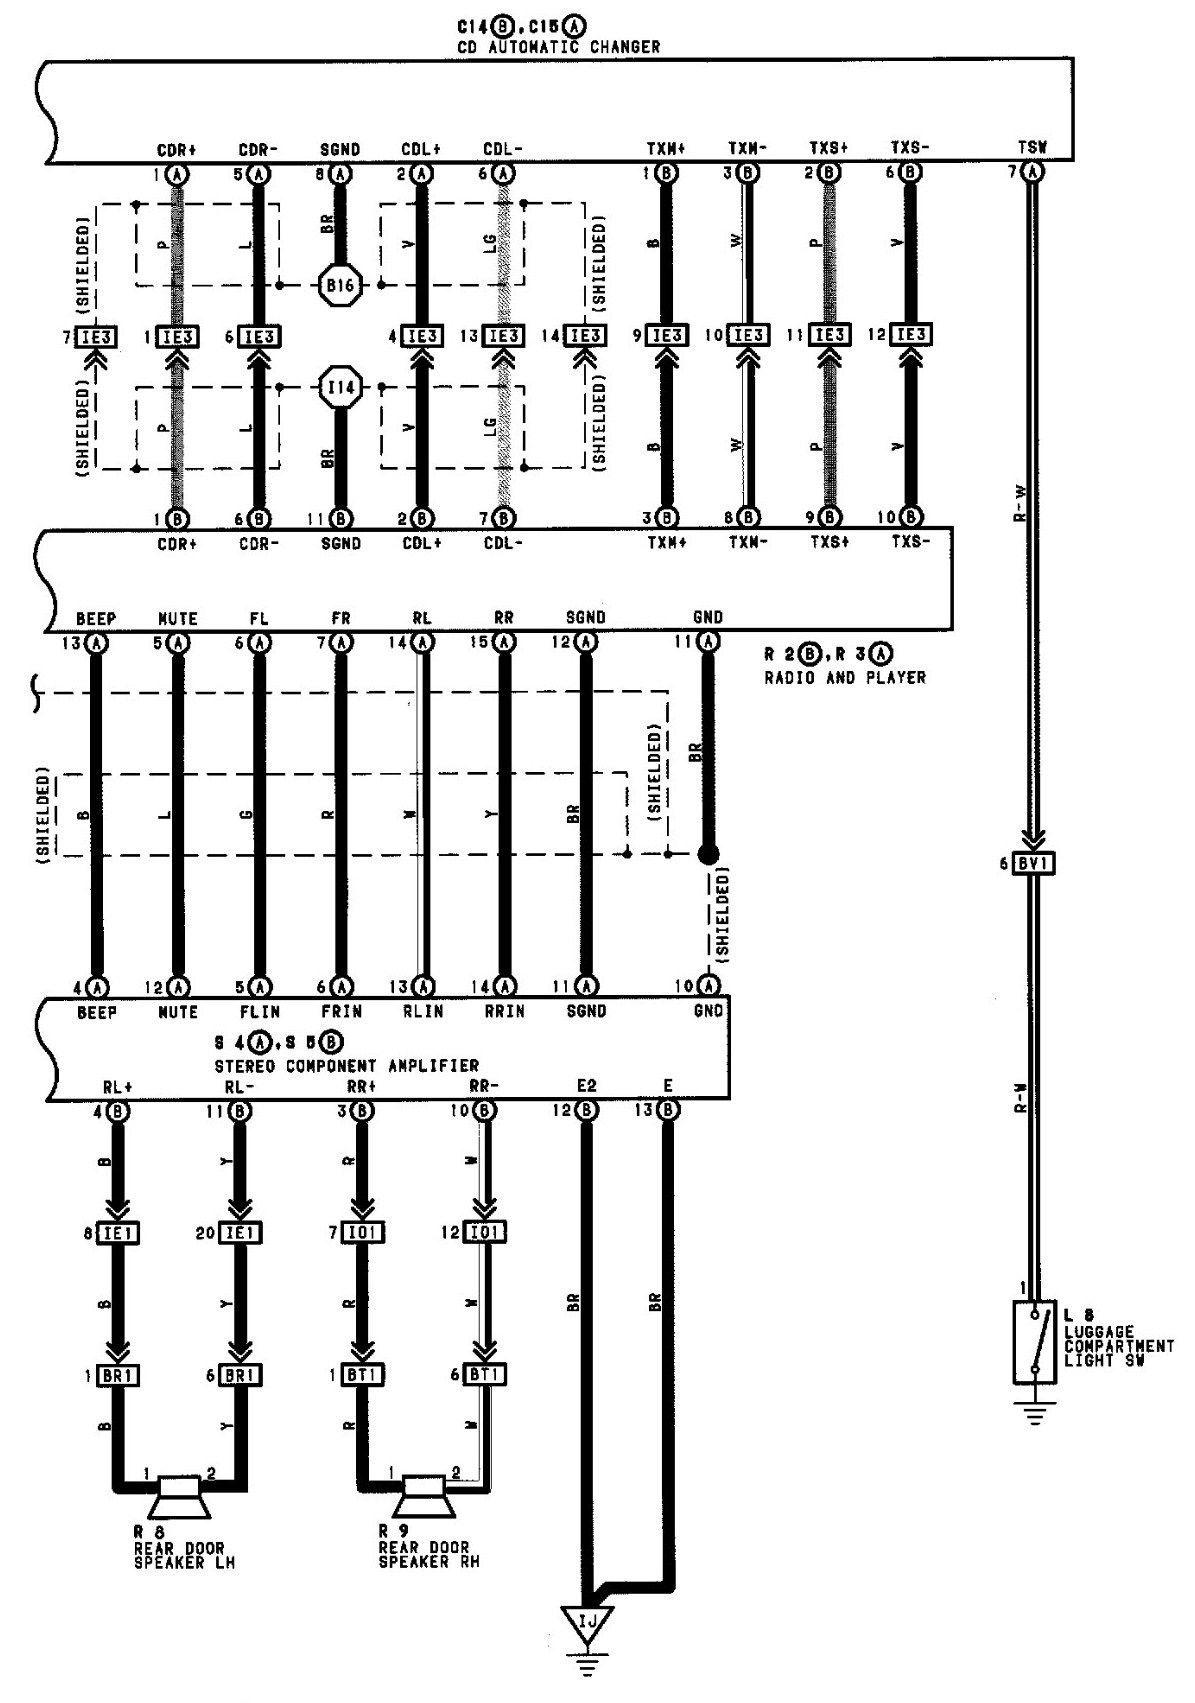 New Jbl Car Stereo Wiring Diagram #diagram #